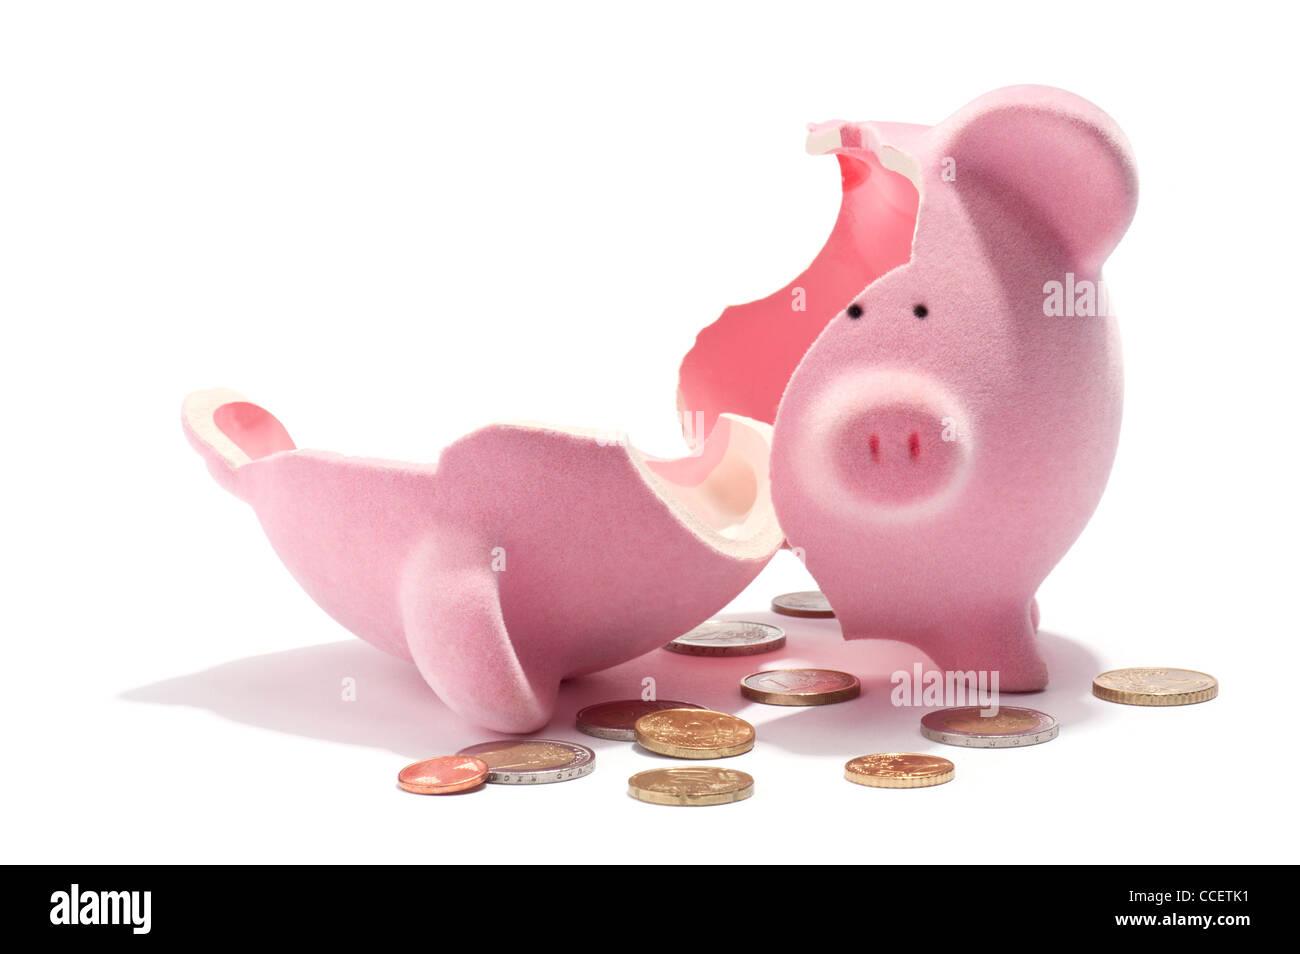 A broken piggy bank and Euro coins Stock Photo